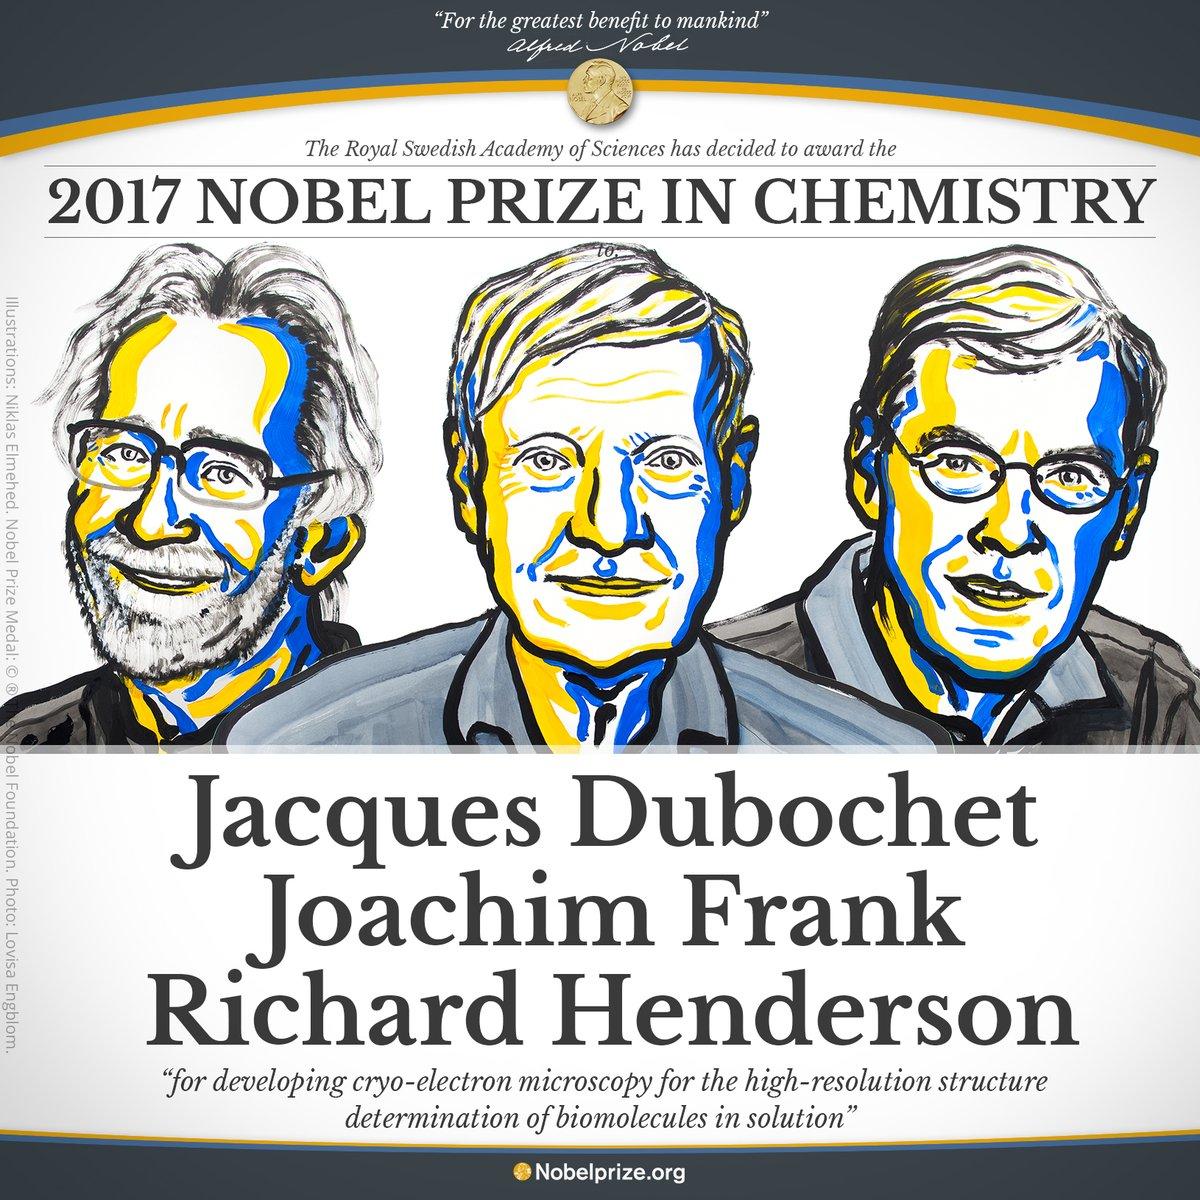 Premiul Nobel pentru Chimie 2017, câștigat de 3 cercetători pentru dezvoltarea crio-microscopiei electronice